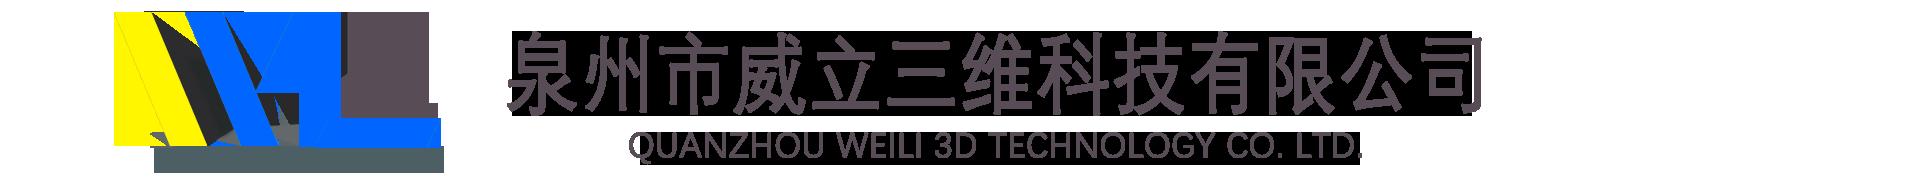 泉州市威立三維科技有限公司